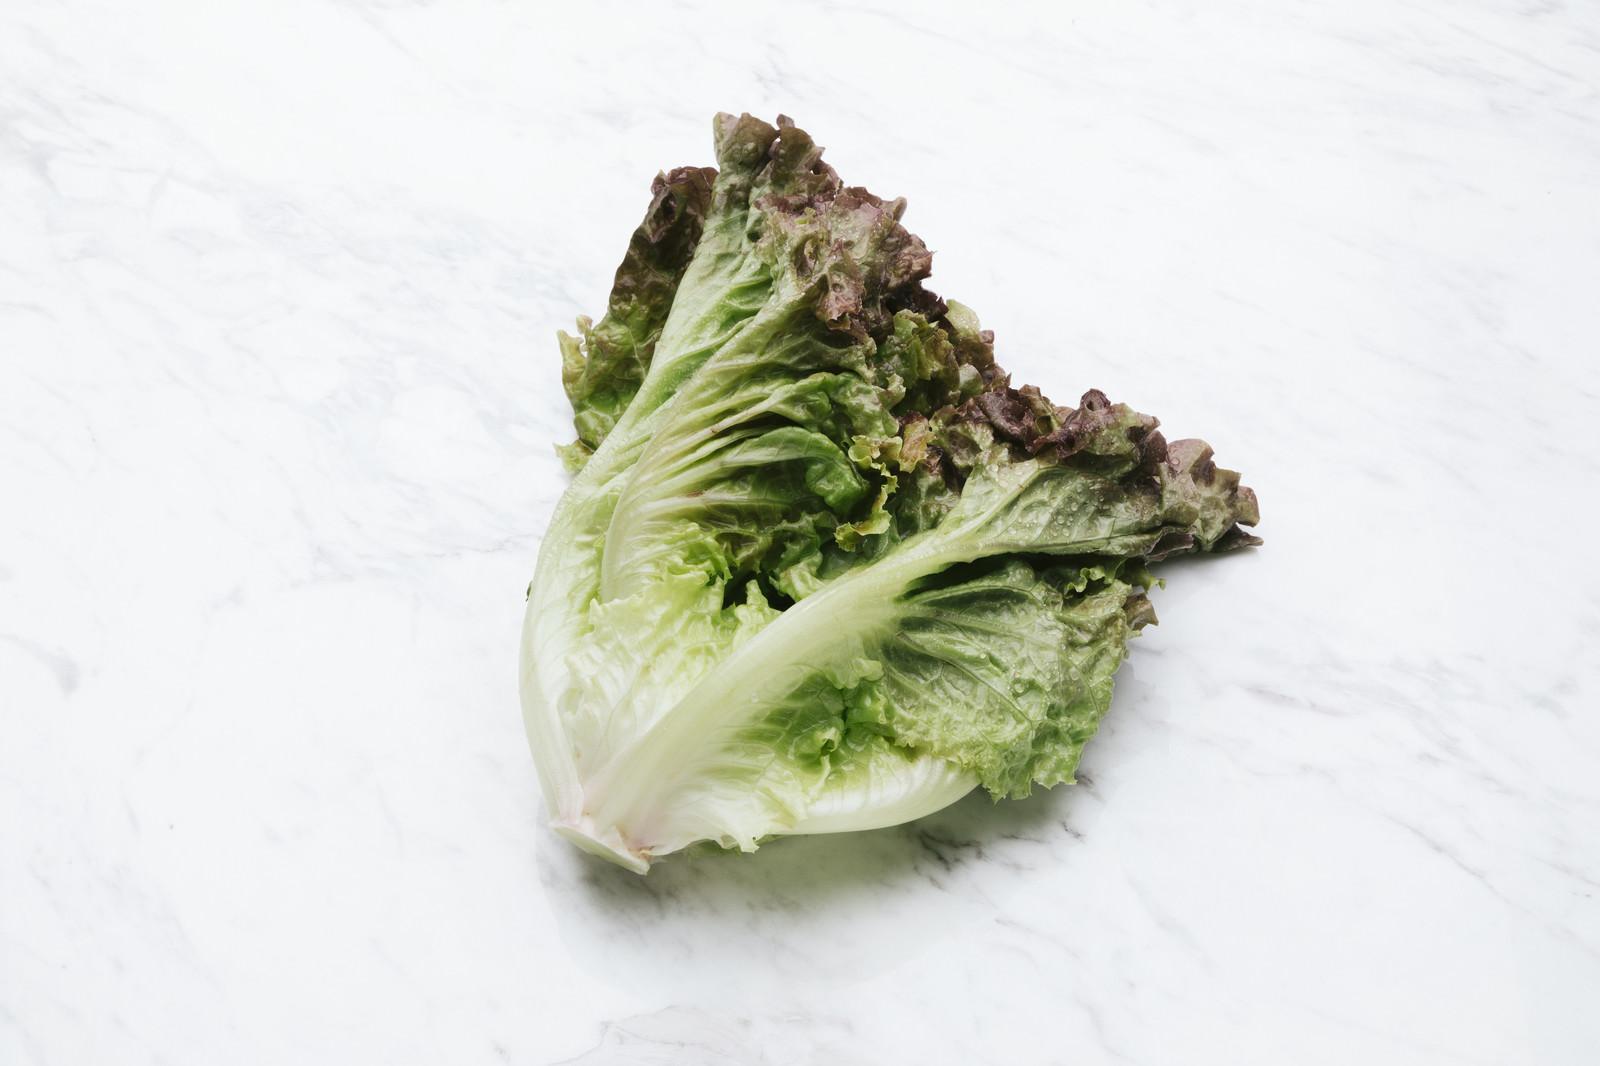 「サニーレタス(食材)サニーレタス(食材)」のフリー写真素材を拡大